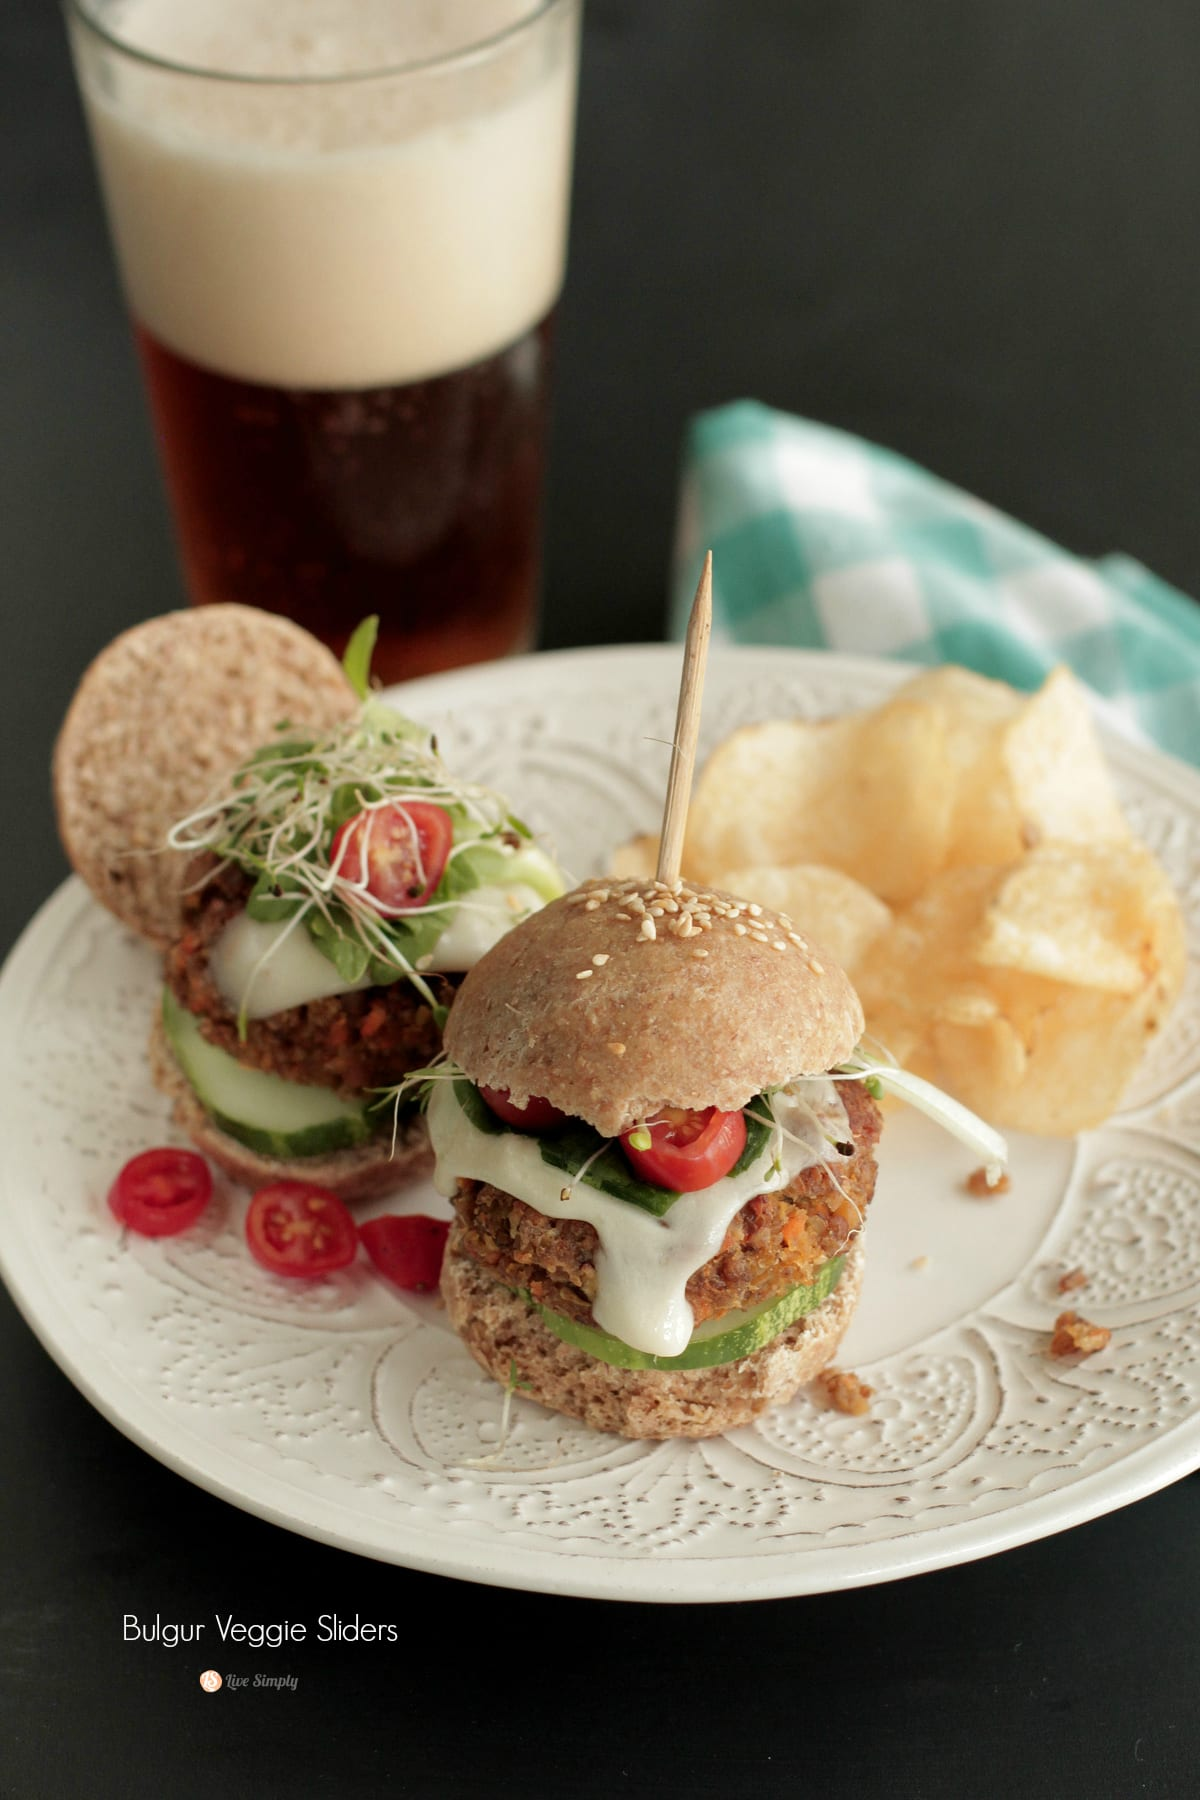 The BEST bulgur veggie burger sliders